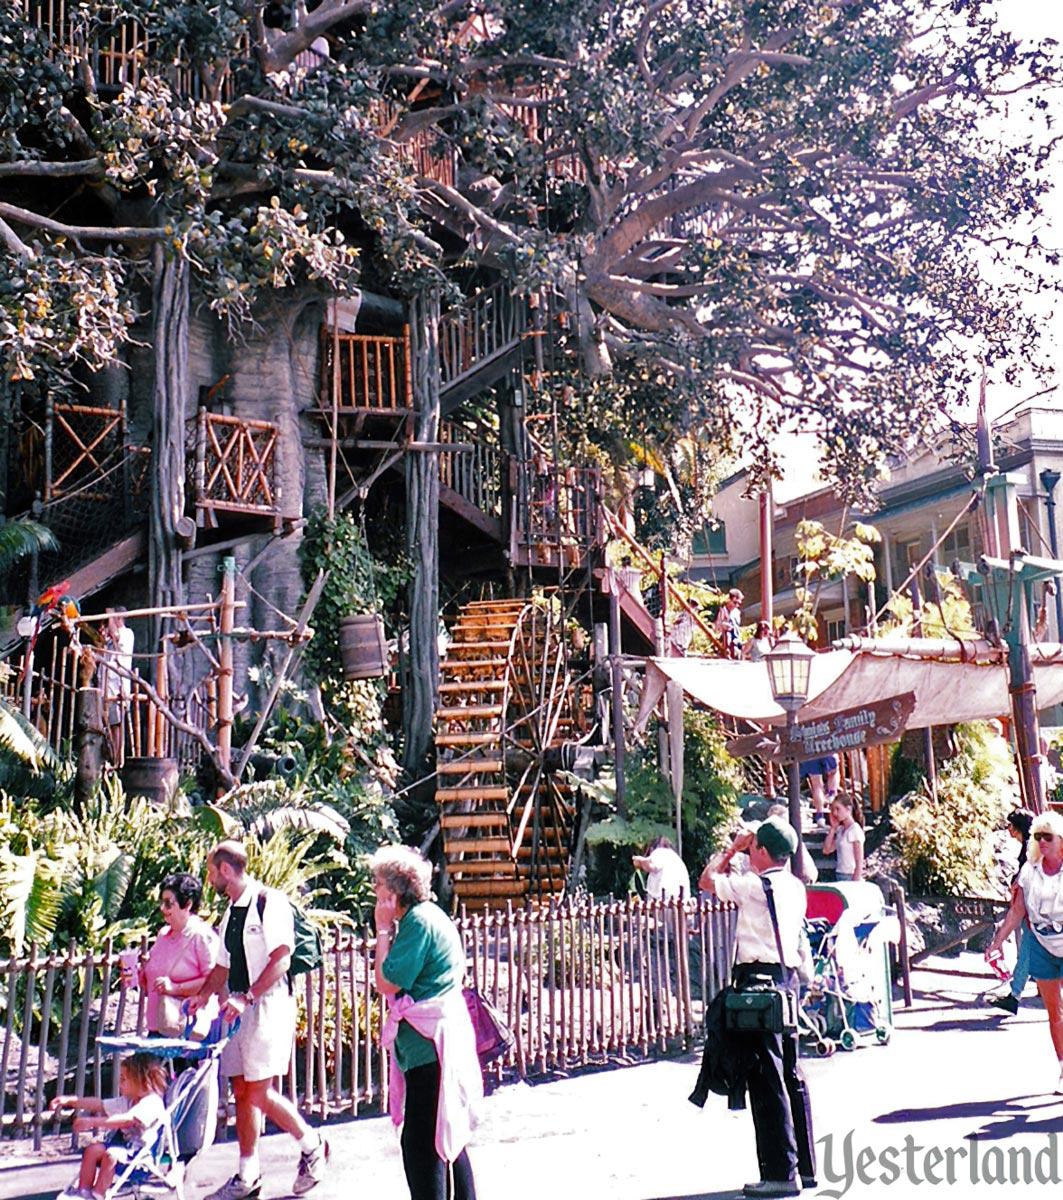 Yesterland: Swiss Family Treehouse